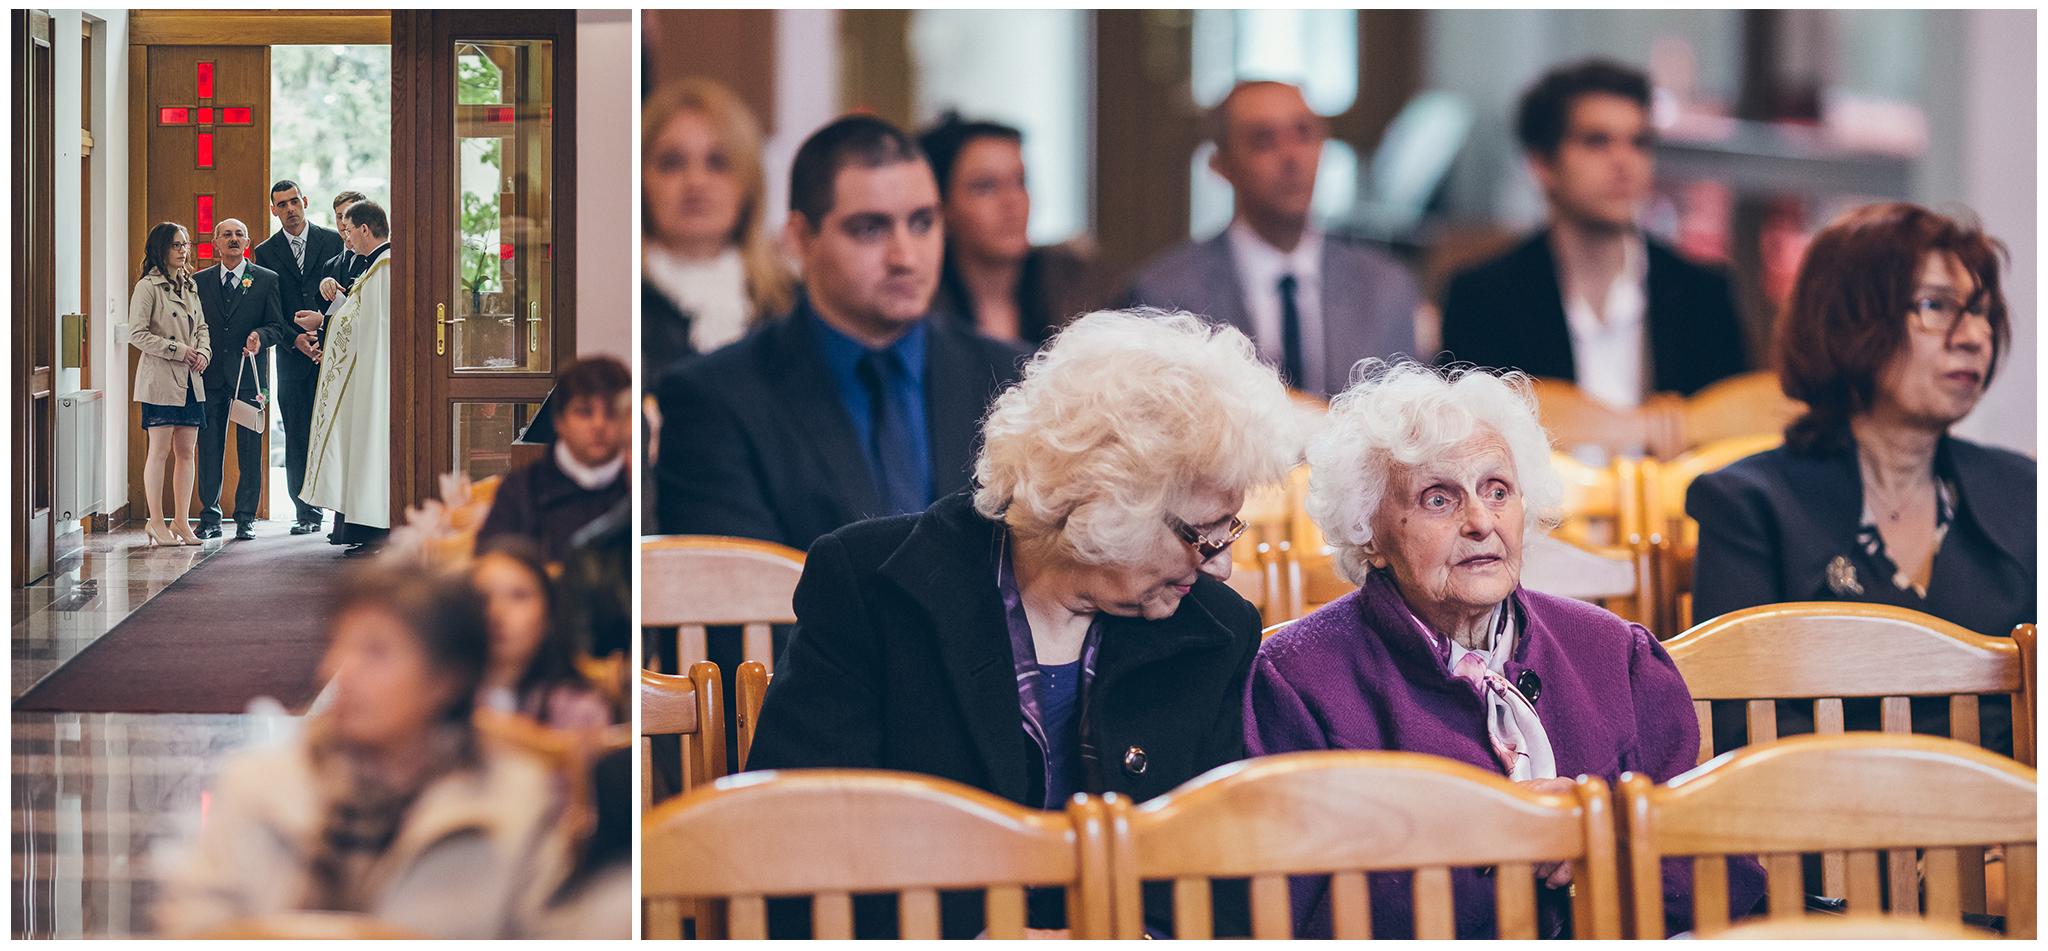 FylepPhoto, esküvőfotós, esküvői fotós Körmend, Szombathely, esküvőfotózás, magyarország, vas megye, prémium, jegyesfotózás, Fülöp Péter, körmend, kreatív, fotográfus_013.jpg